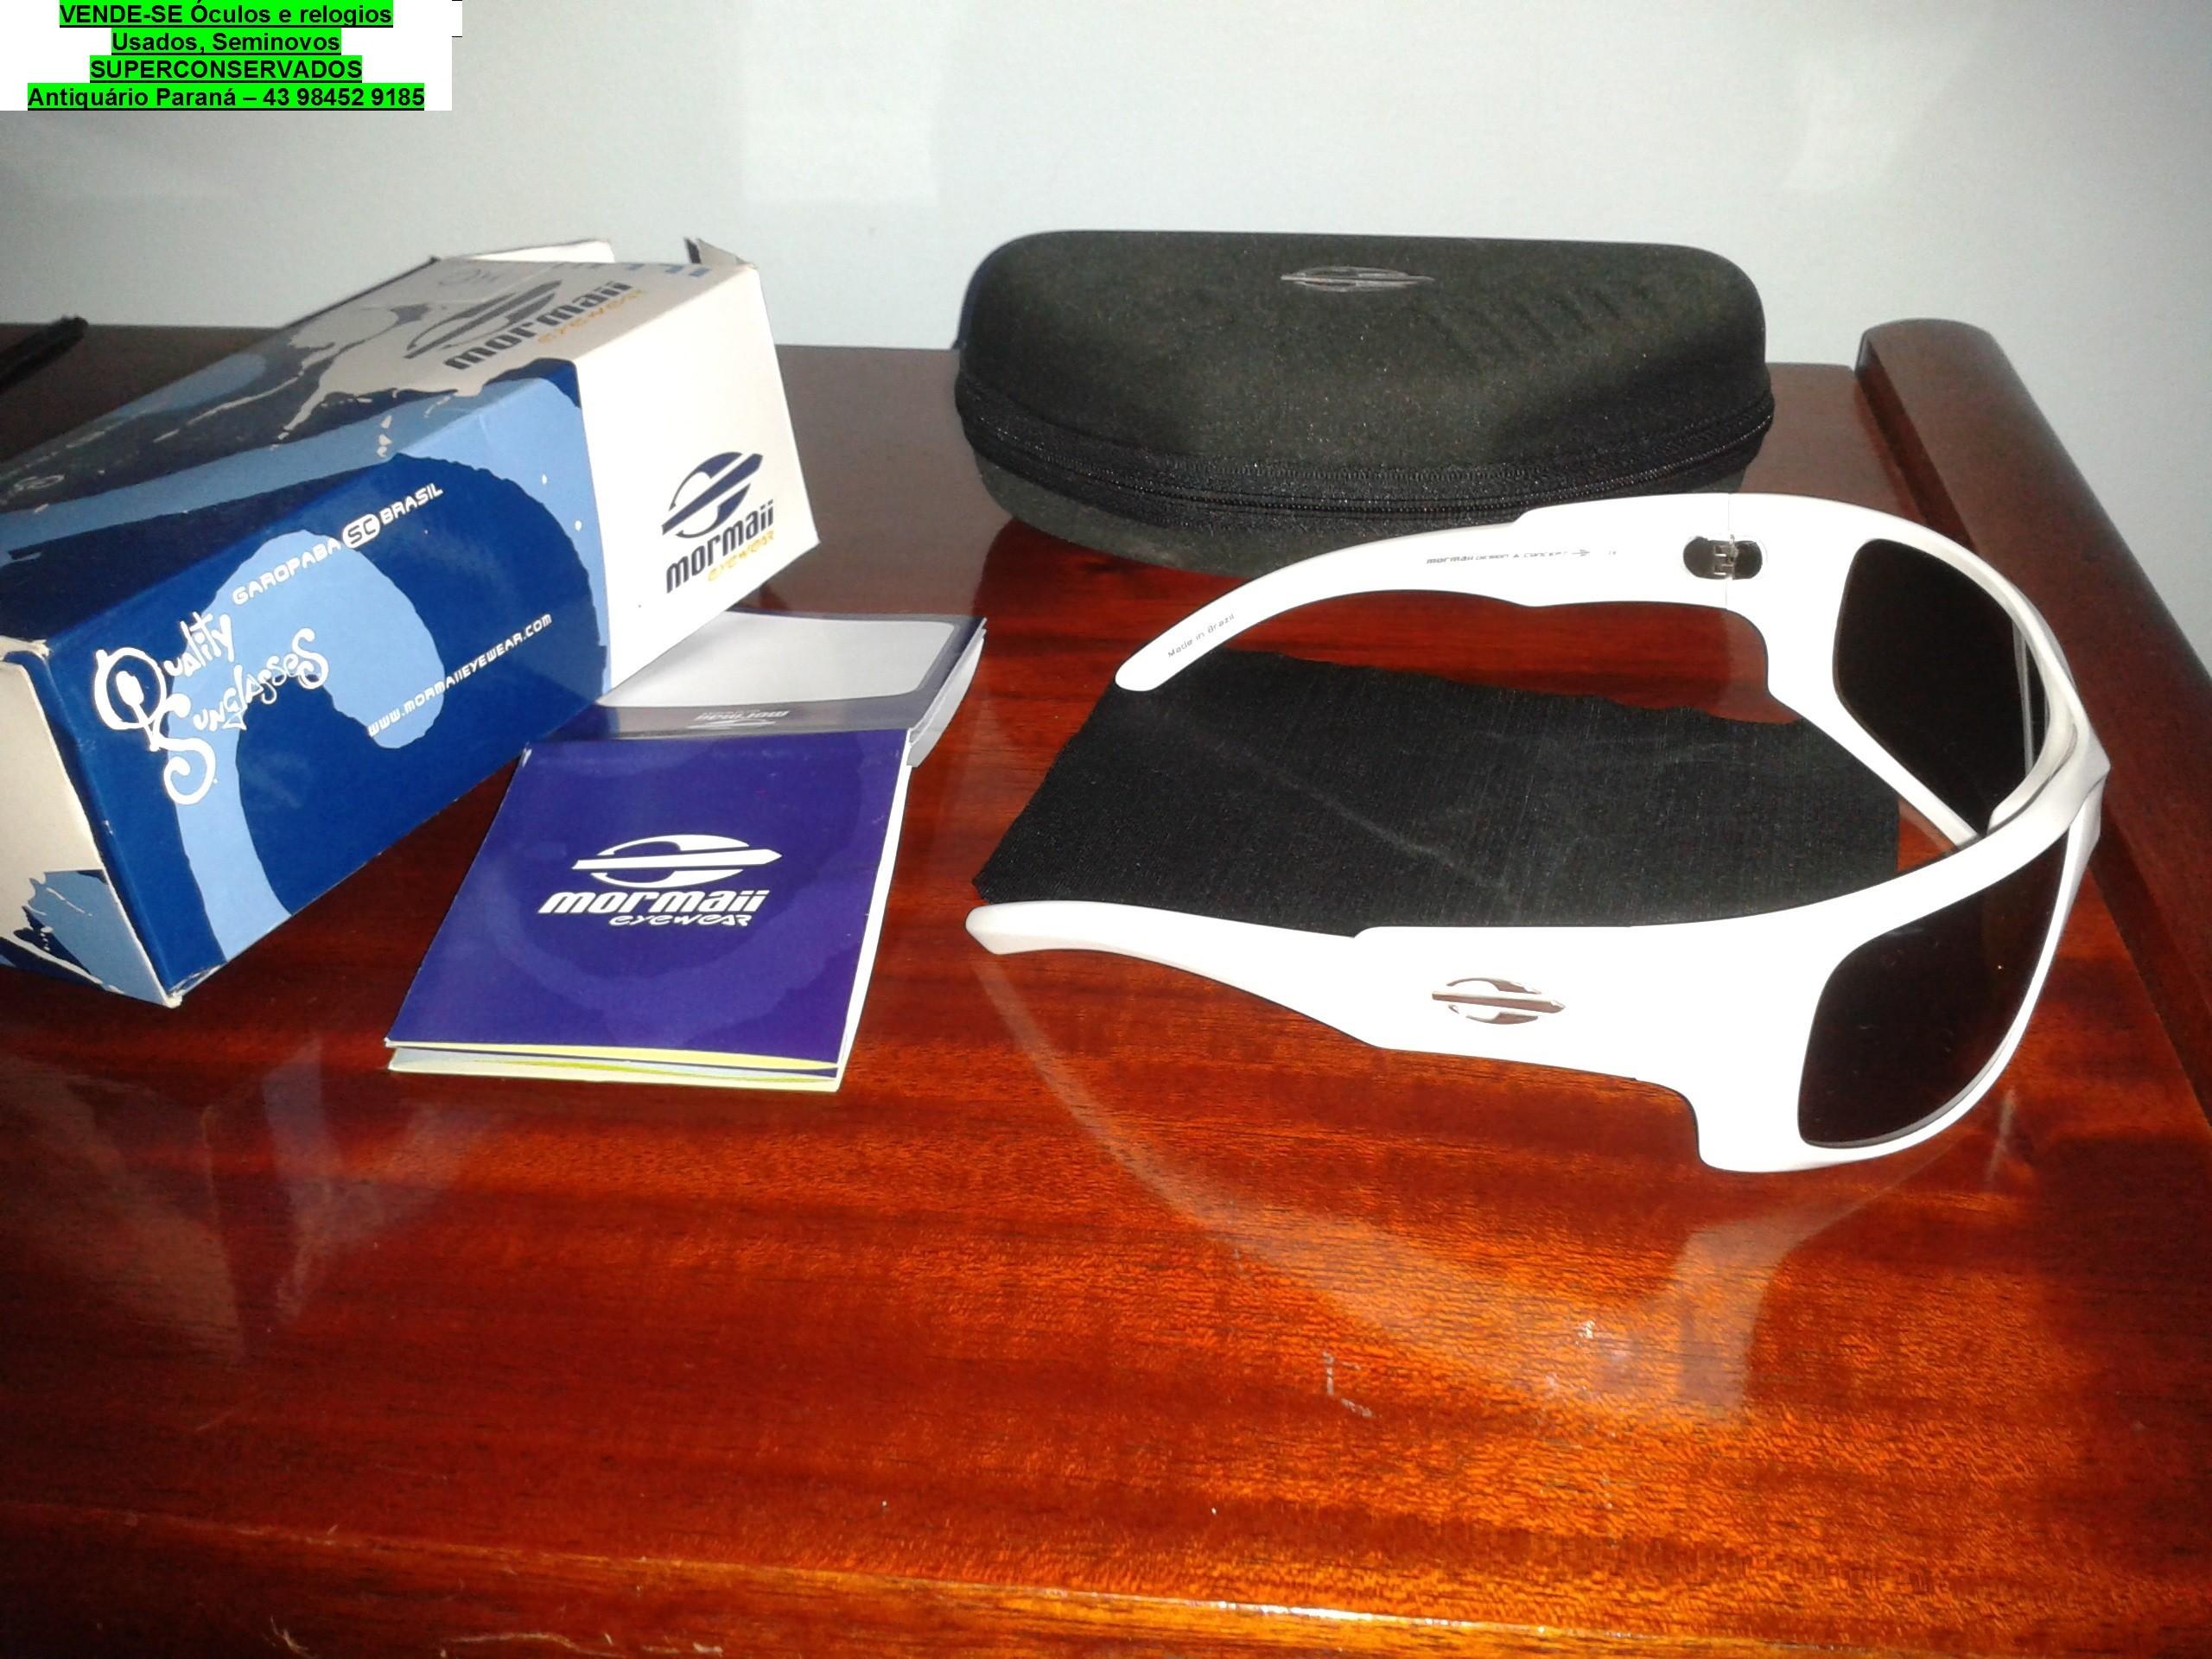 Londrina-oculos e relogios usados a venda